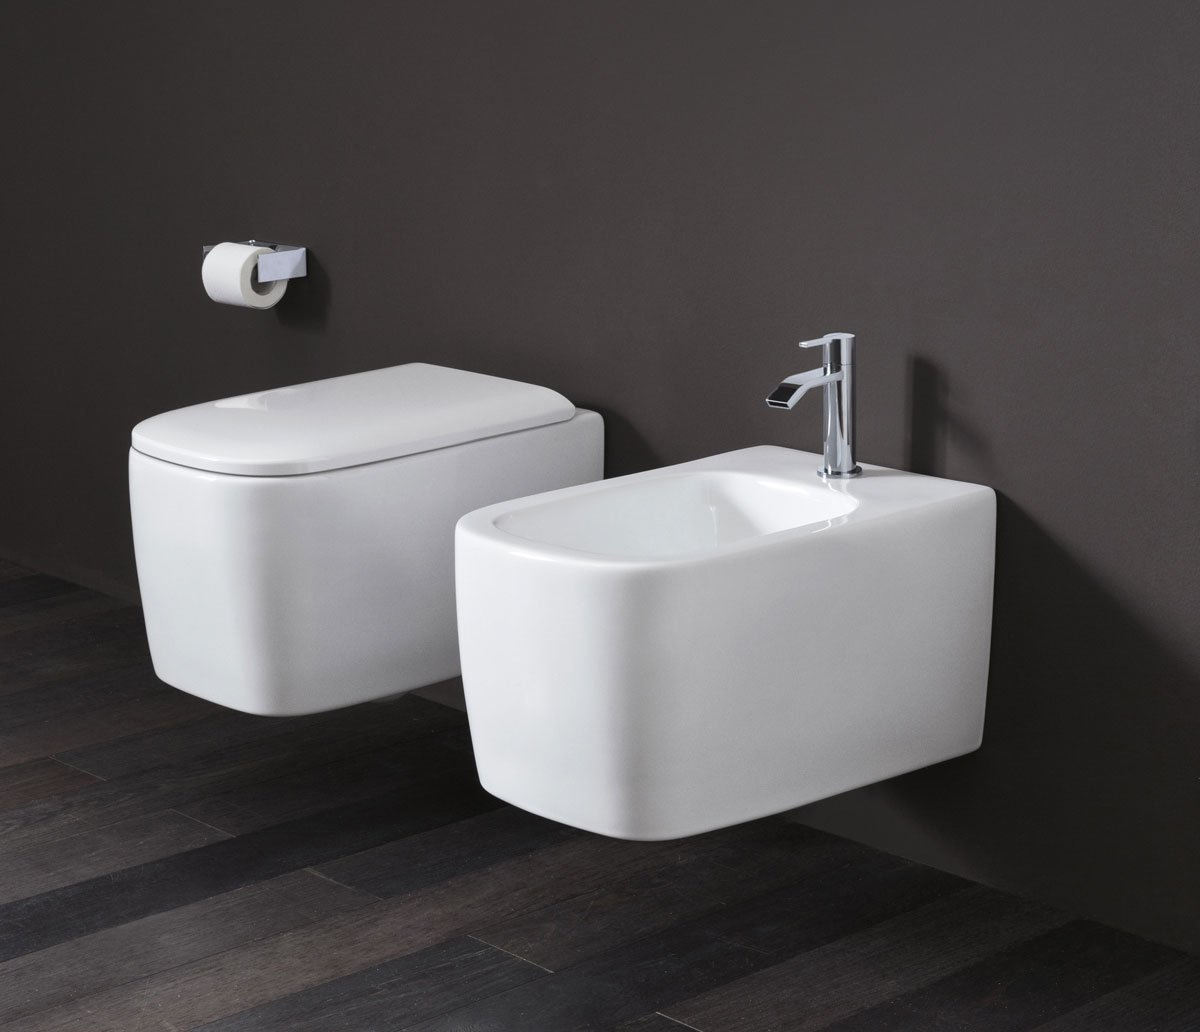 Nic Design, Semplice Coppia sanitari